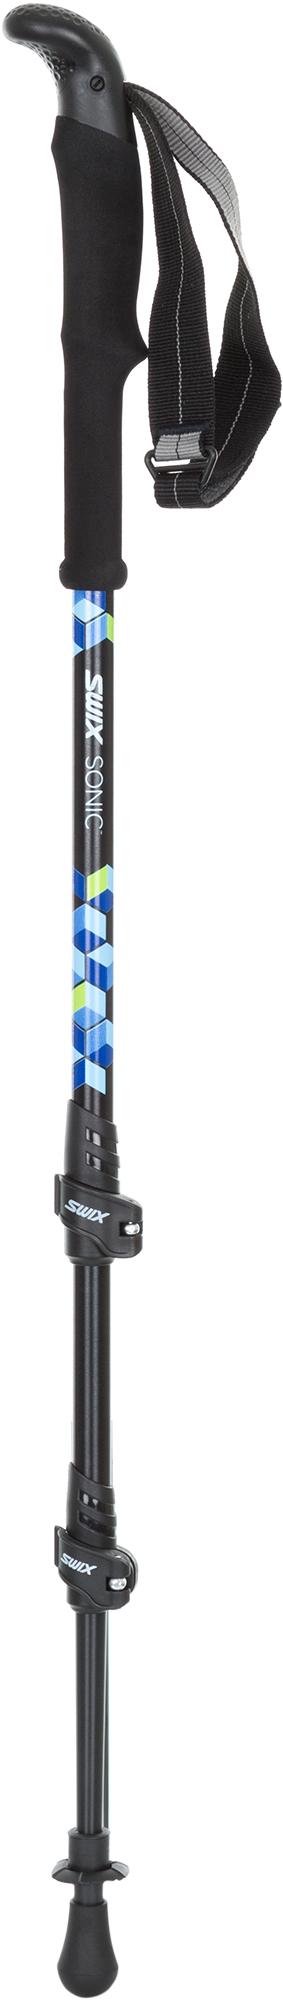 Swix Трекинговые палки Swix Sonic Tourer